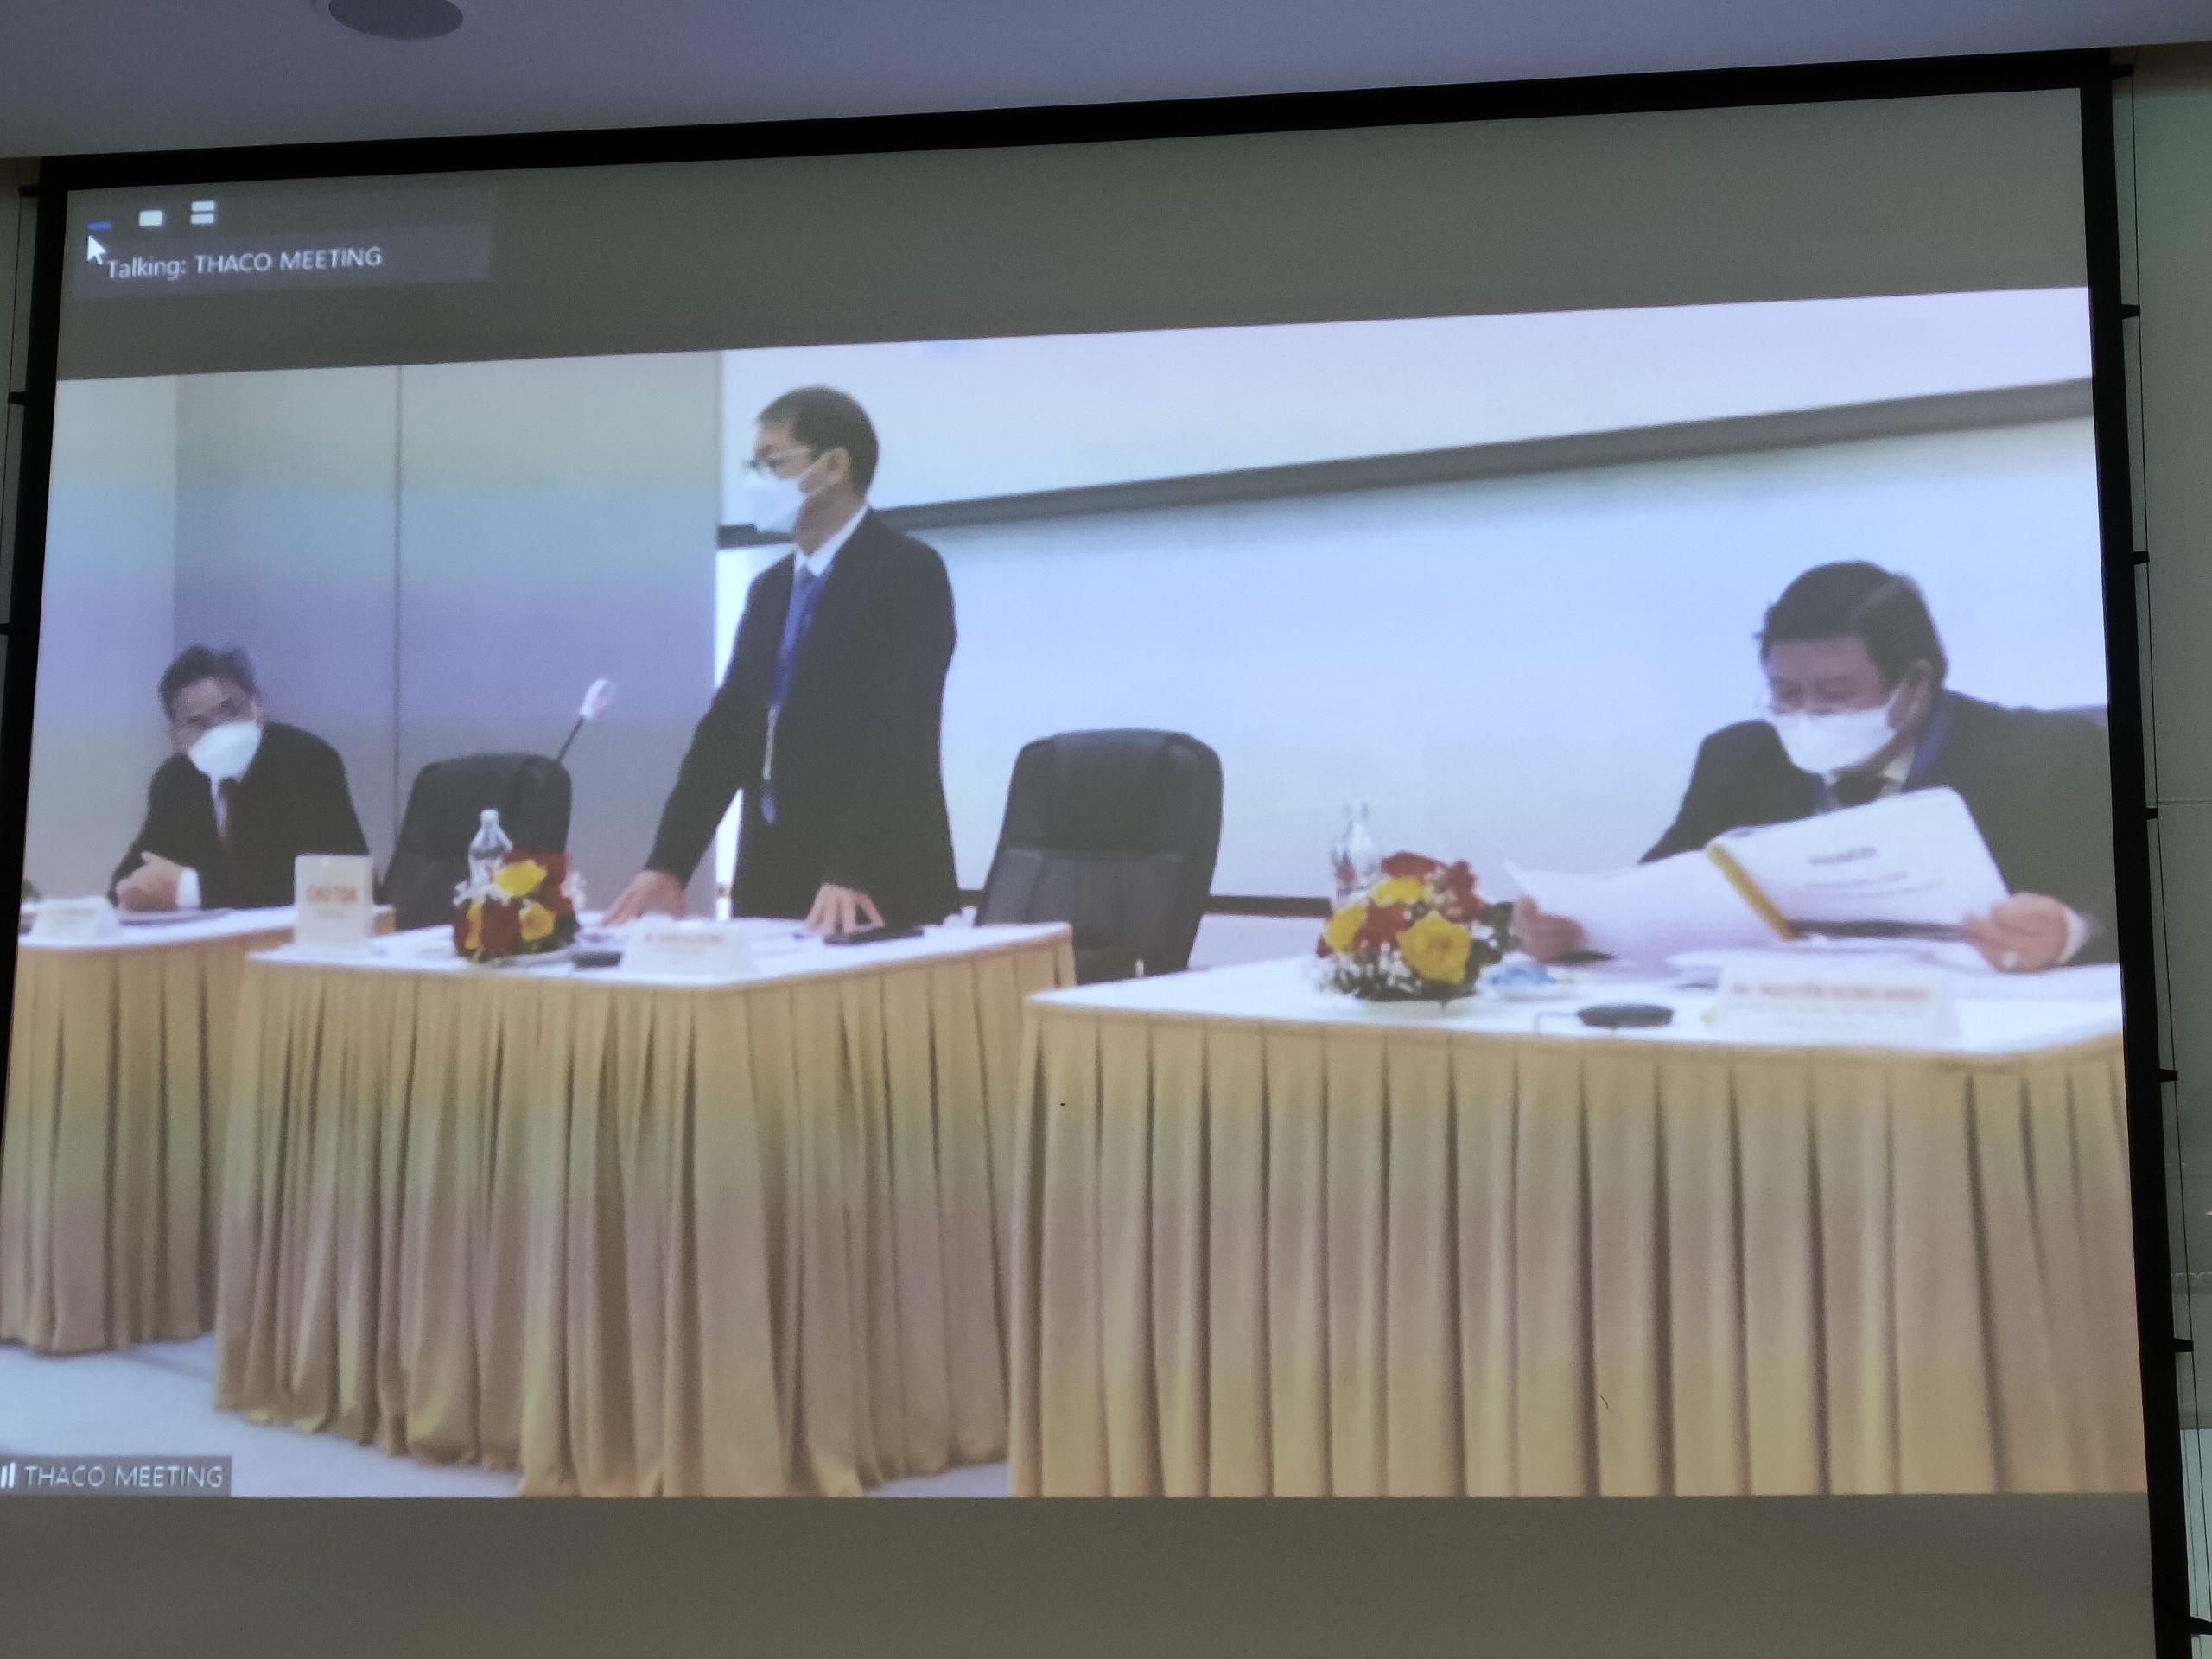 Thaco sẽ đưa Thaco Auto thành công ty đại chúng, kế hoạch lợi nhuận tăng 40% - Ảnh 1.